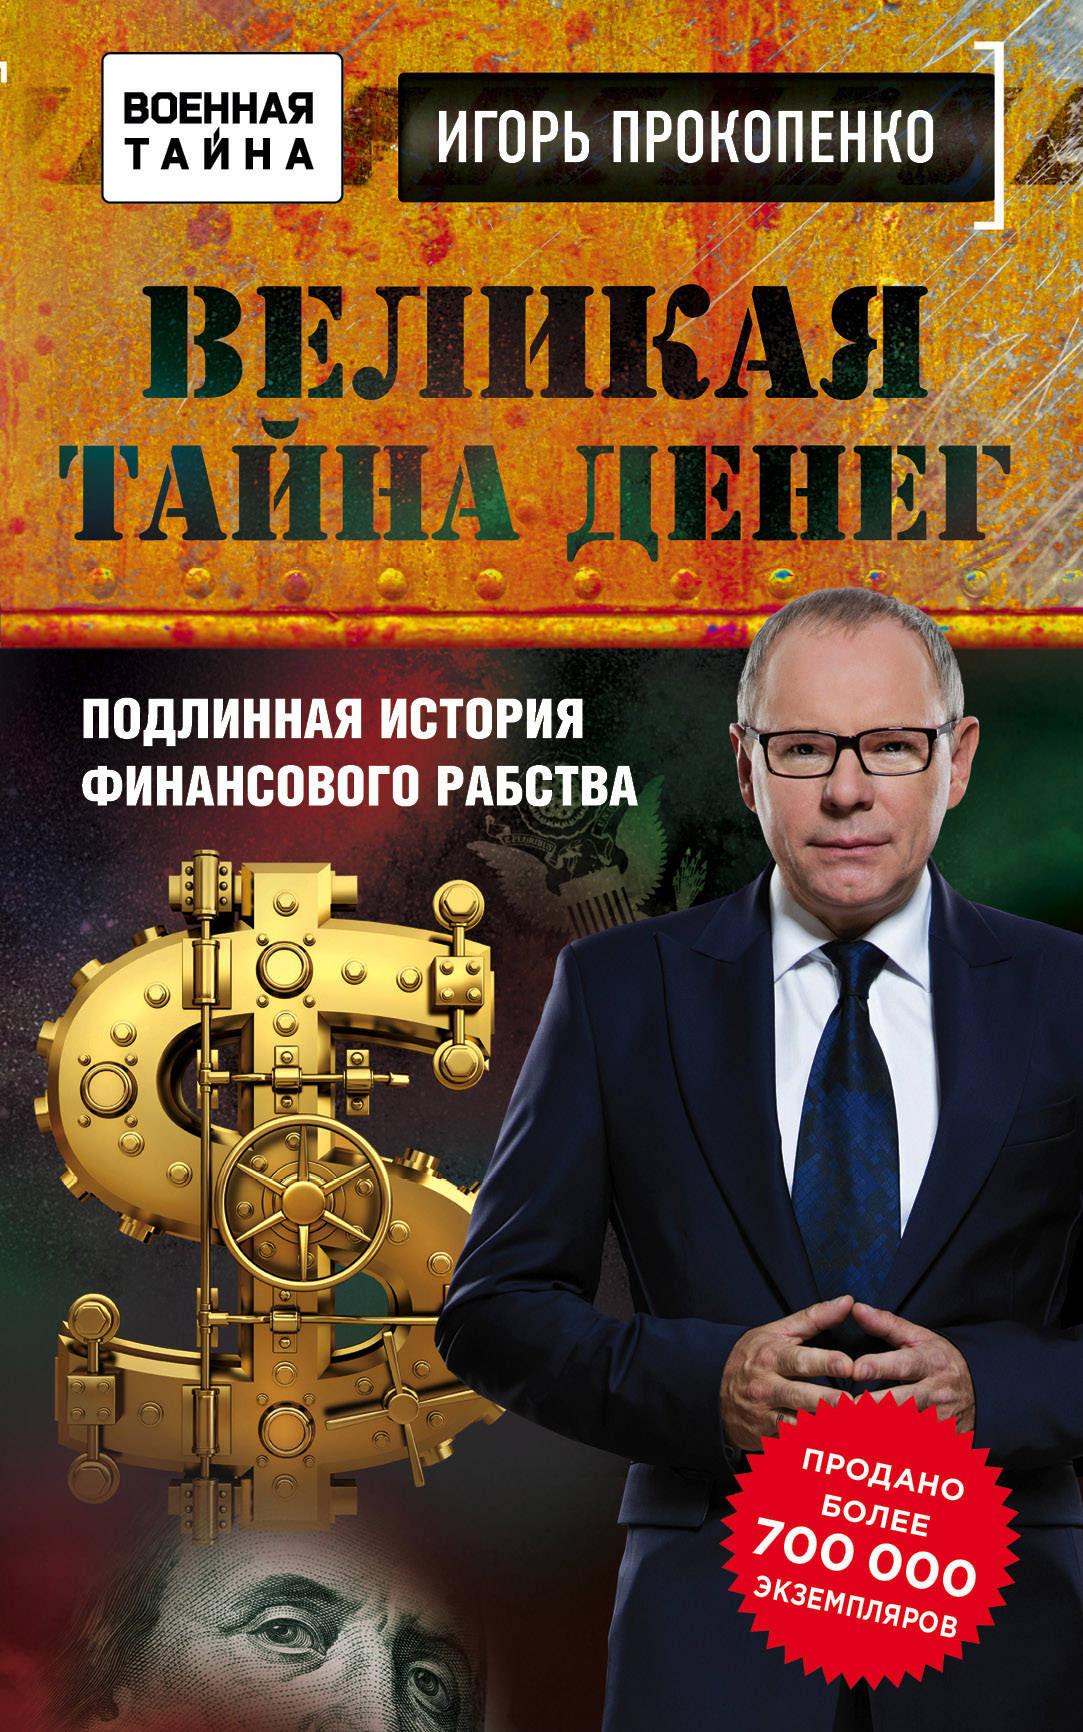 Игорь Прокопенко Великая тайна денег